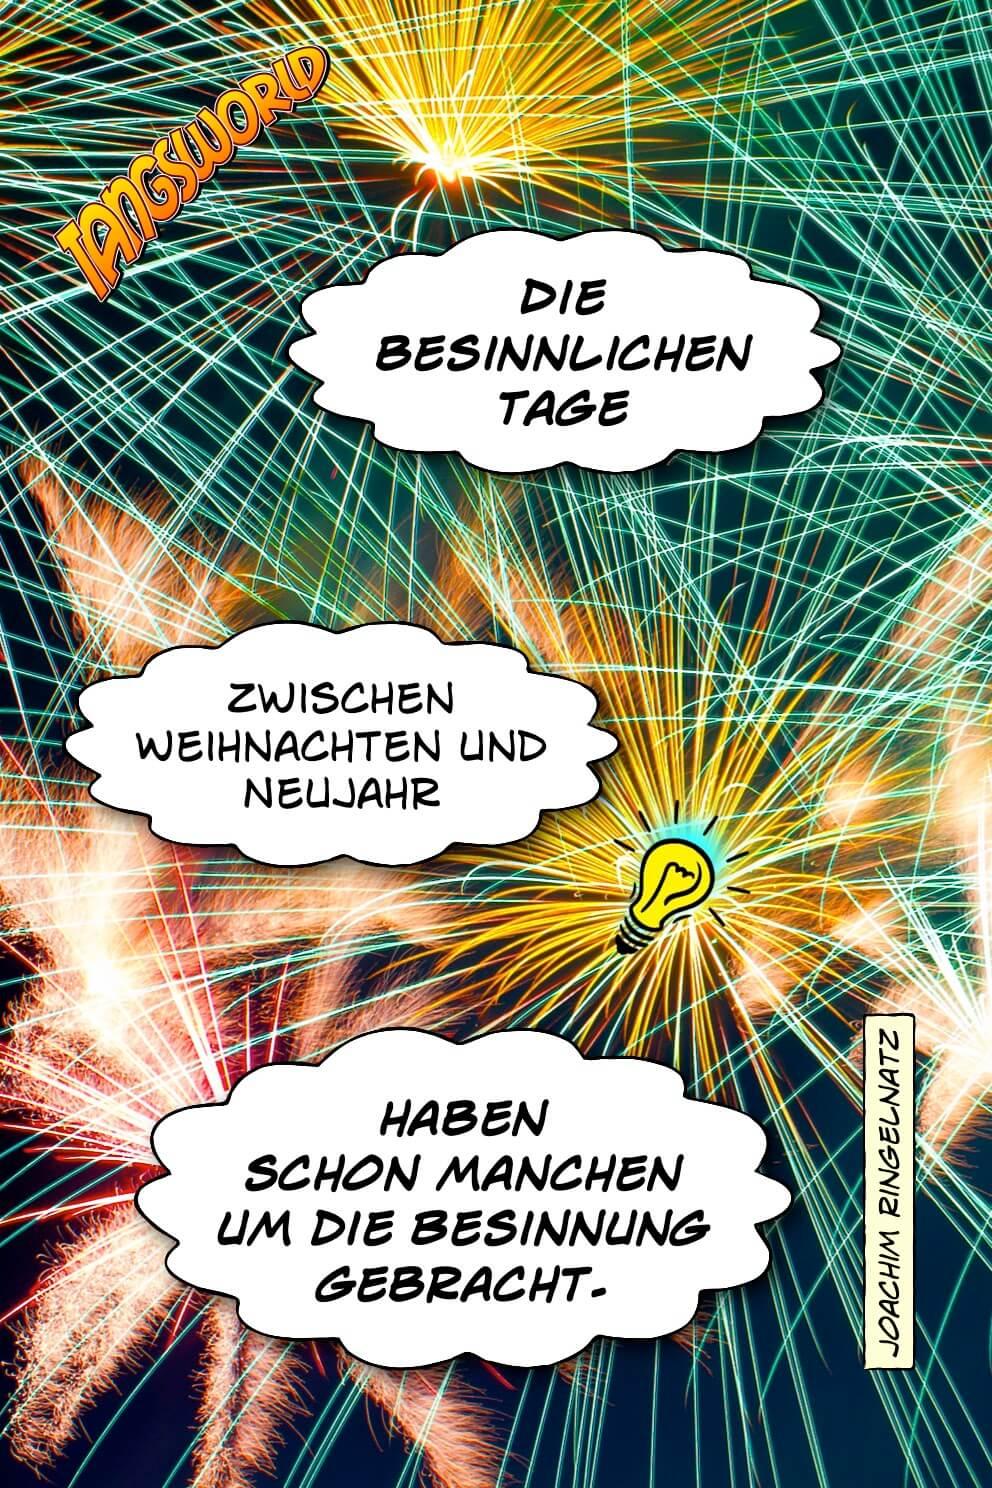 Die besinnlichen Tage zwischen Weihnachten und Neujahr haben schon manchen um die Besinnung gebracht. - Geistesblitze | Joachim Ringelnatz